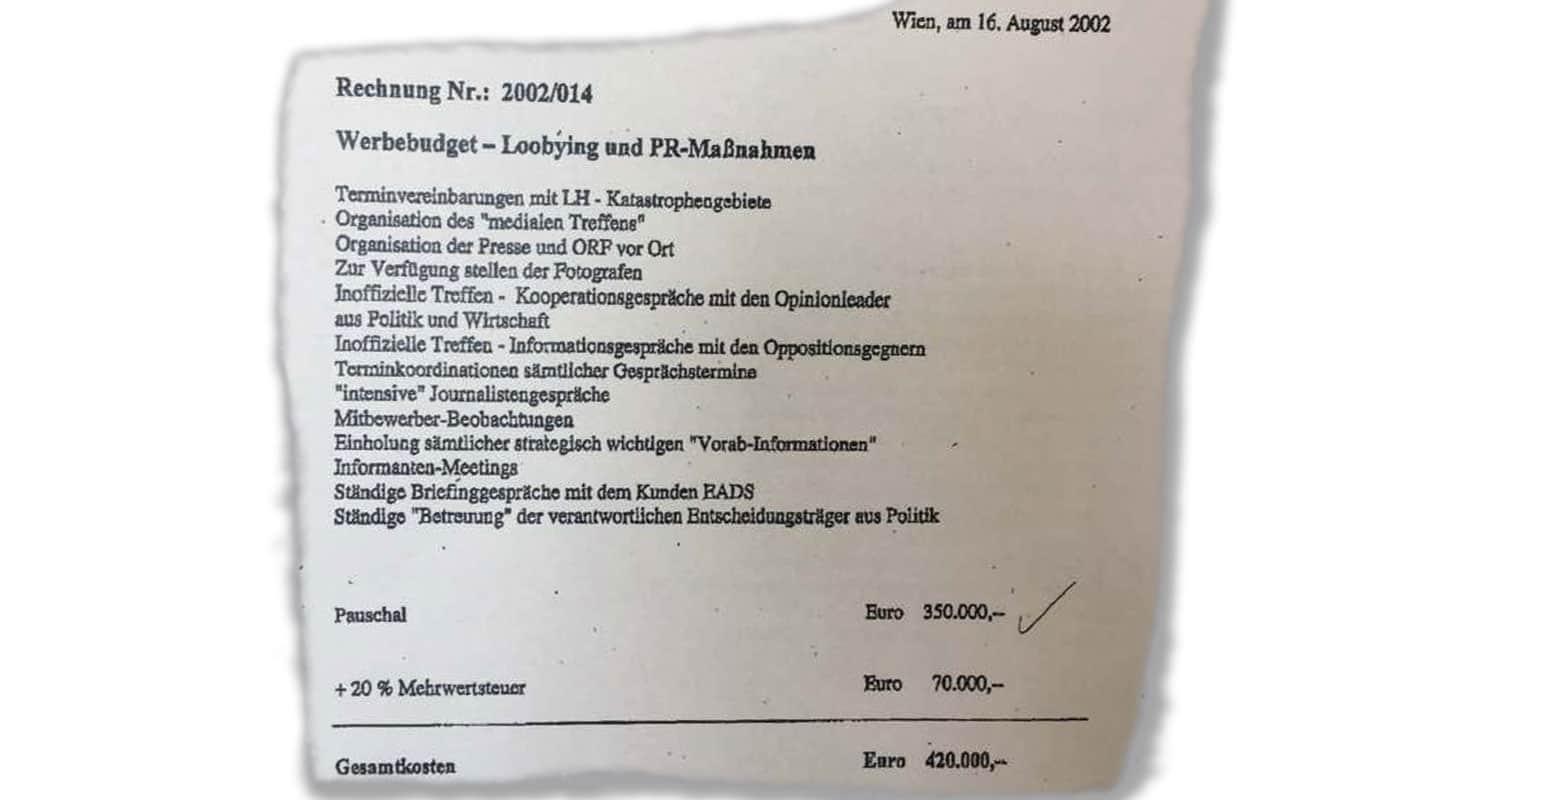 100 % Communications PR-Agentur GmbH - Werbebudget für PR und Lobbying